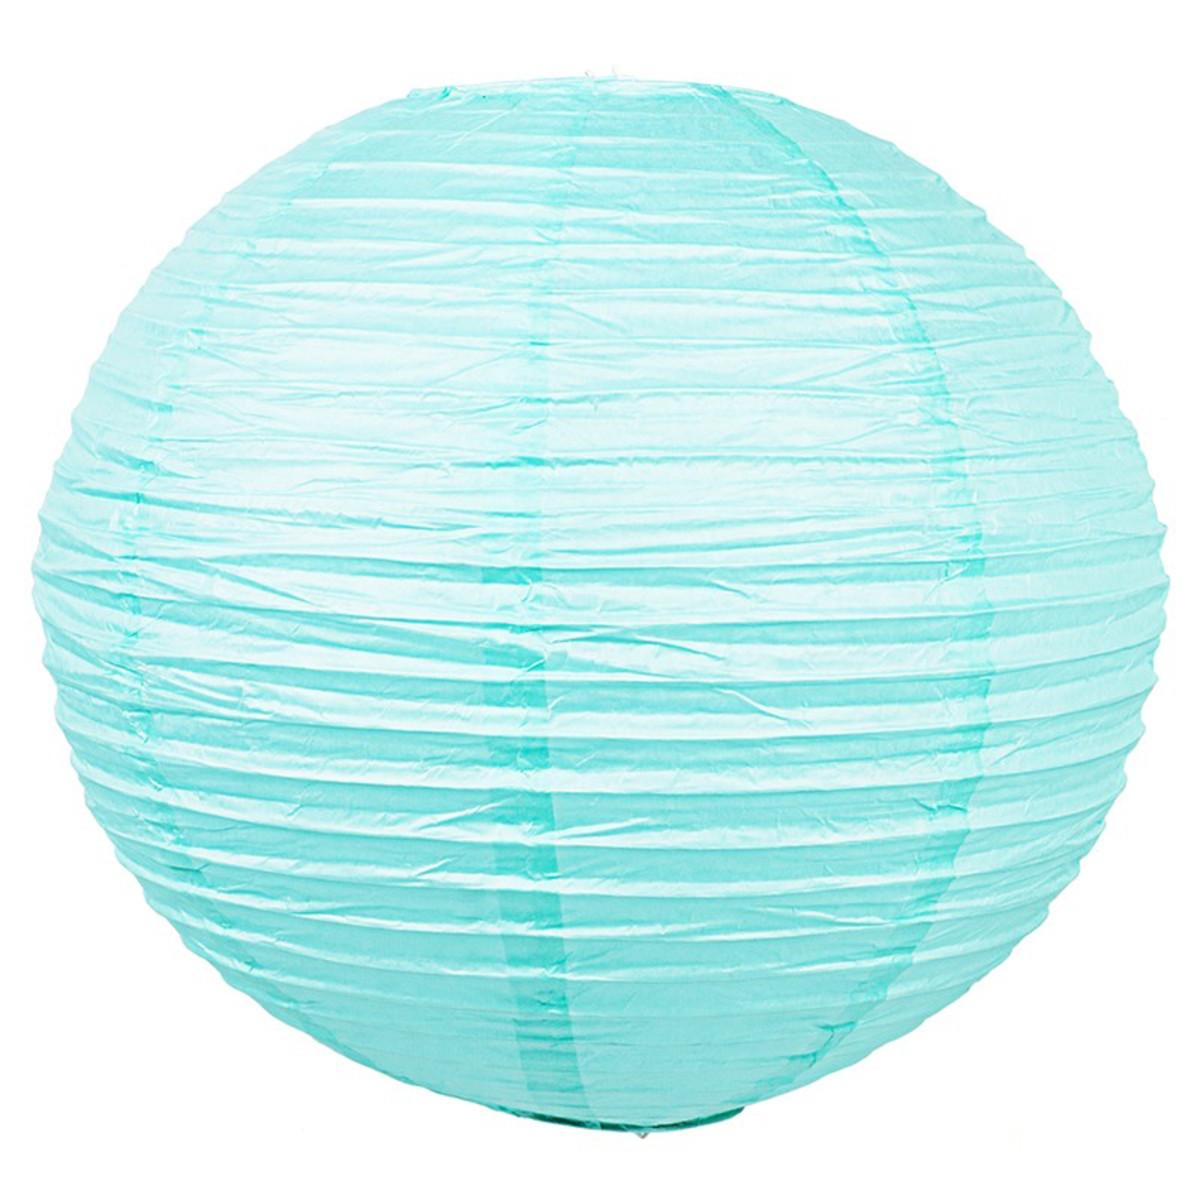 Абажур Baoji 40 см бумага цвет голубой металлик